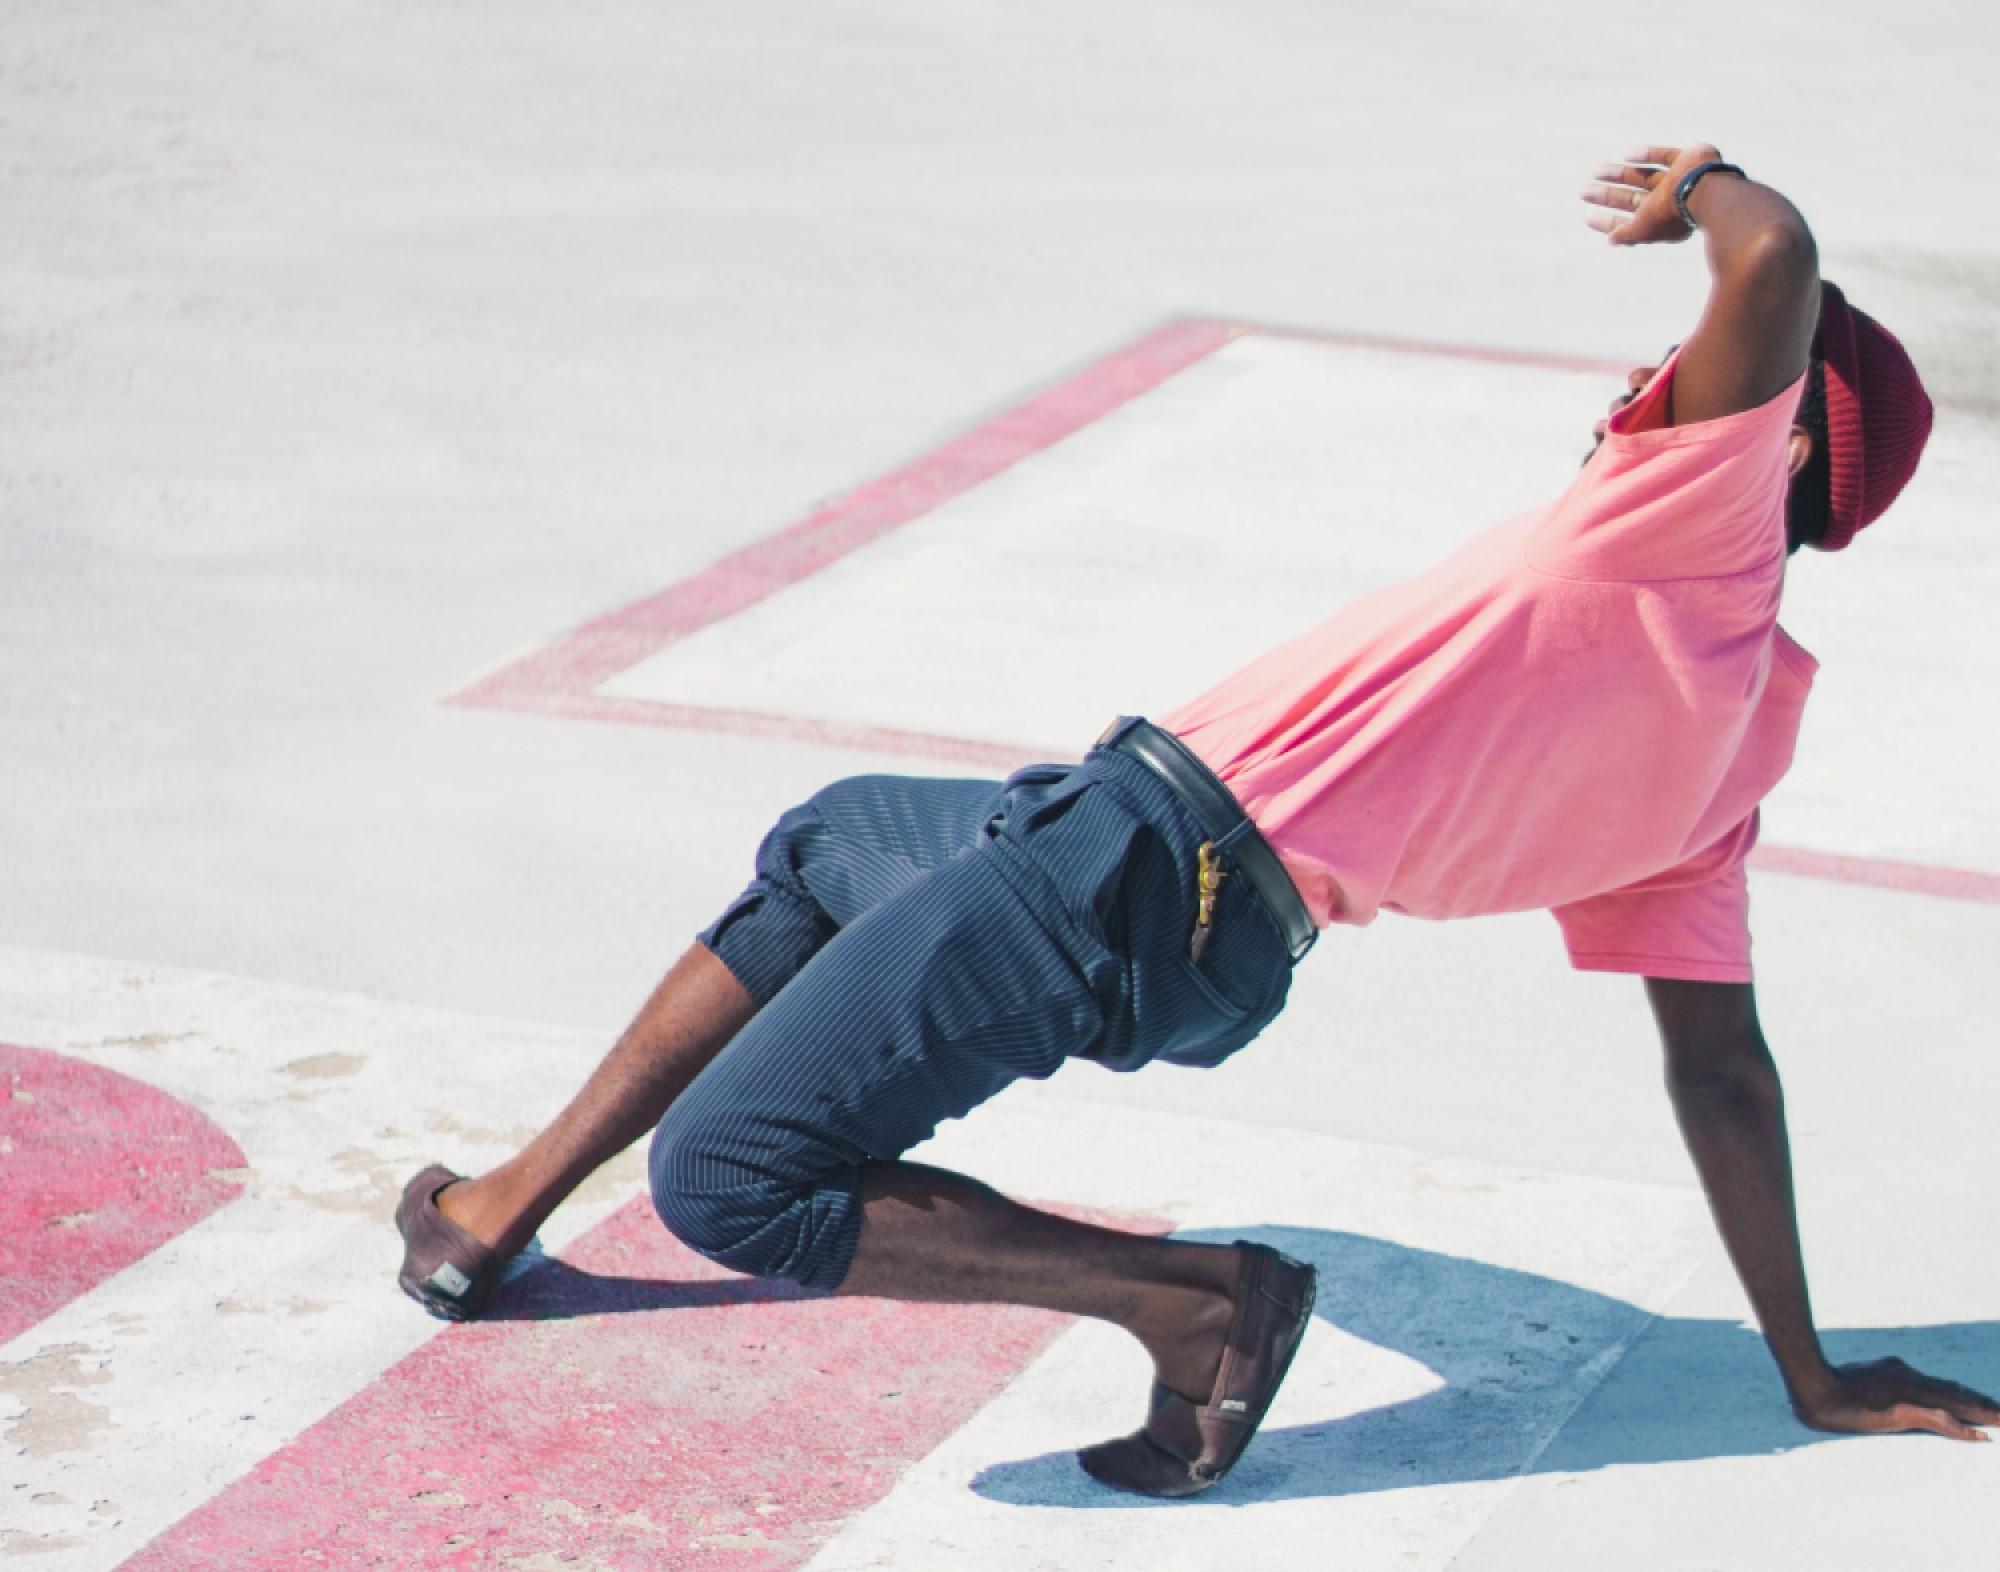 Linkki tapahtumaan Talviloma: Hip hop-tanssikurssi